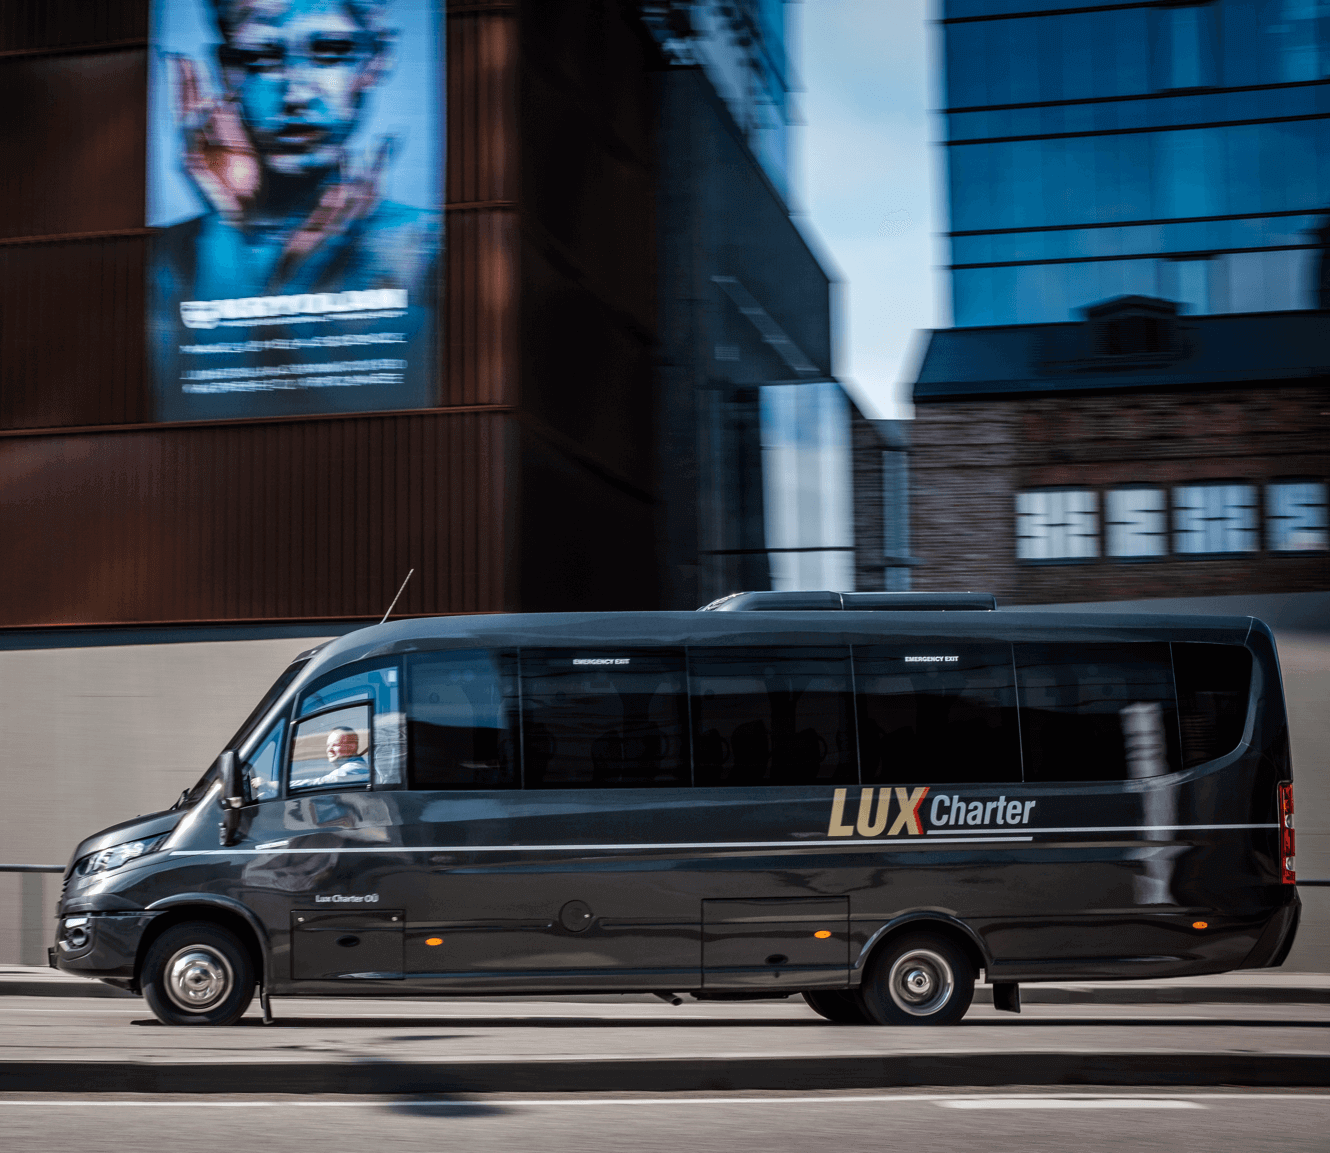 https://luxcharter.ee/wp-content/uploads/2018/05/minibus.png